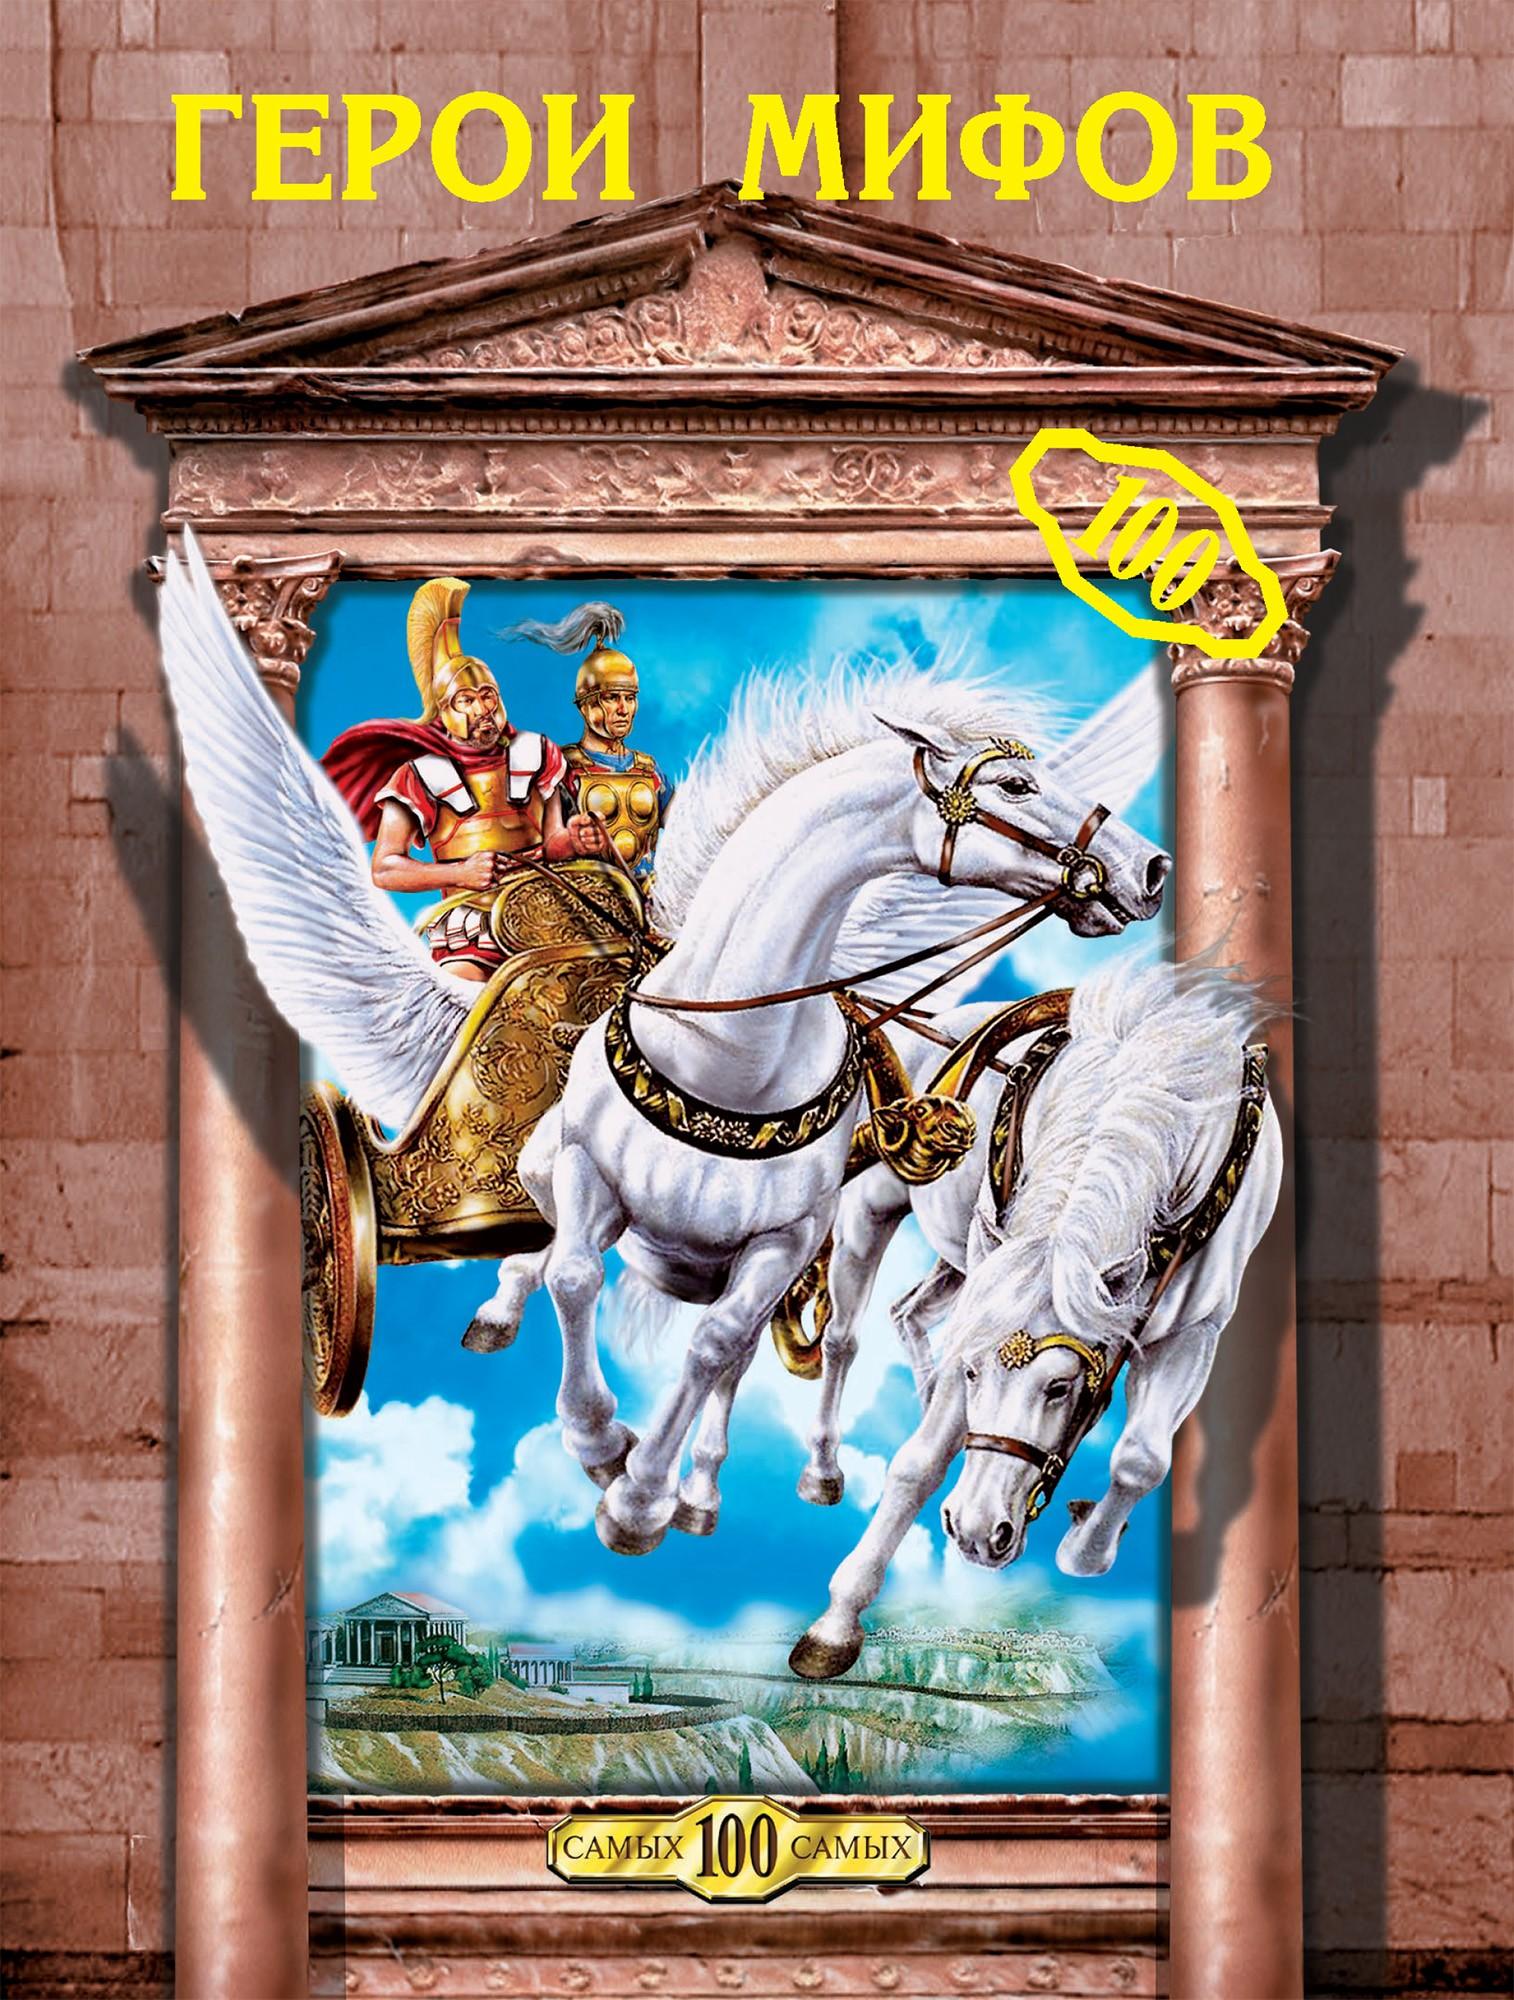 Кристина Ляхова Герои мифов кондрашов анатолий павлович кто есть кто в мифологии древней греции и рима 1738 героев и мифов